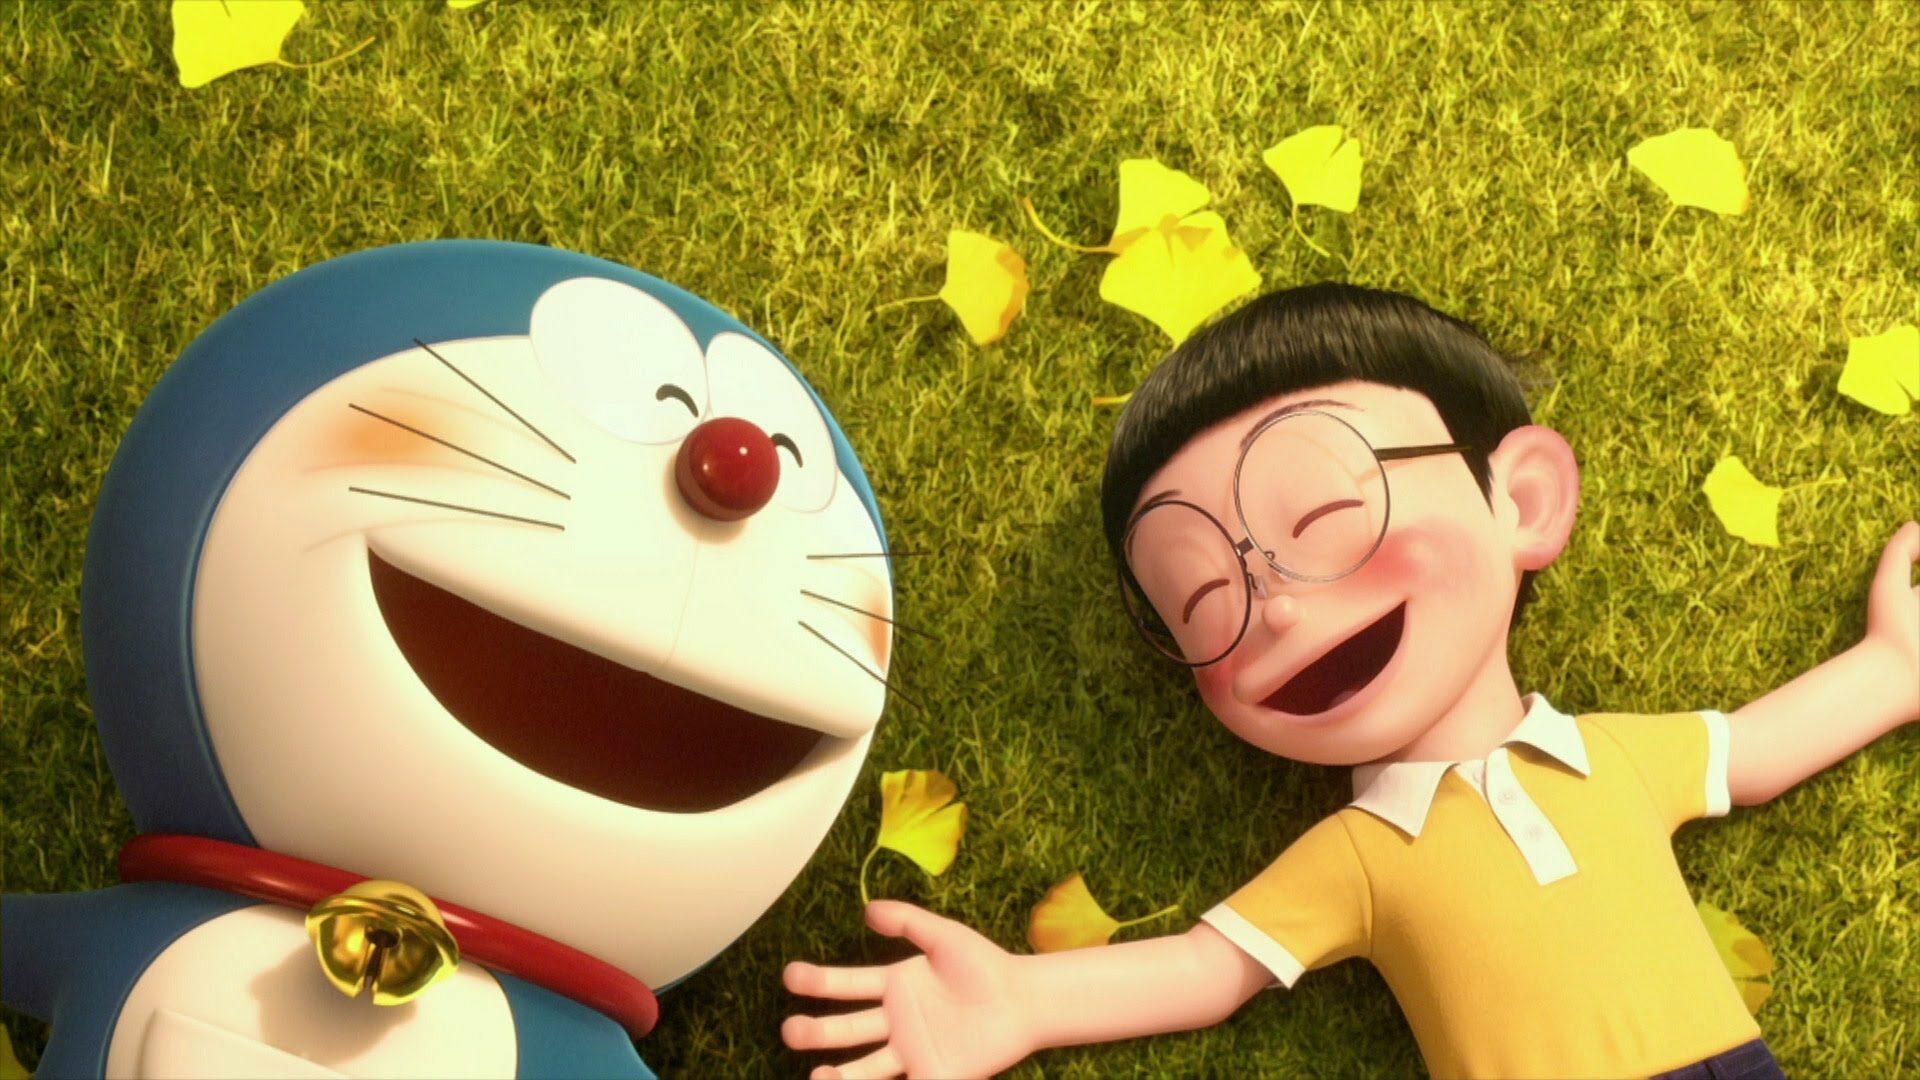 Doraemon: Stand by me vẫn luôn là bộ Doraeon tập dài hay nhất và đáng nhớ nhất trong lòng khán giả